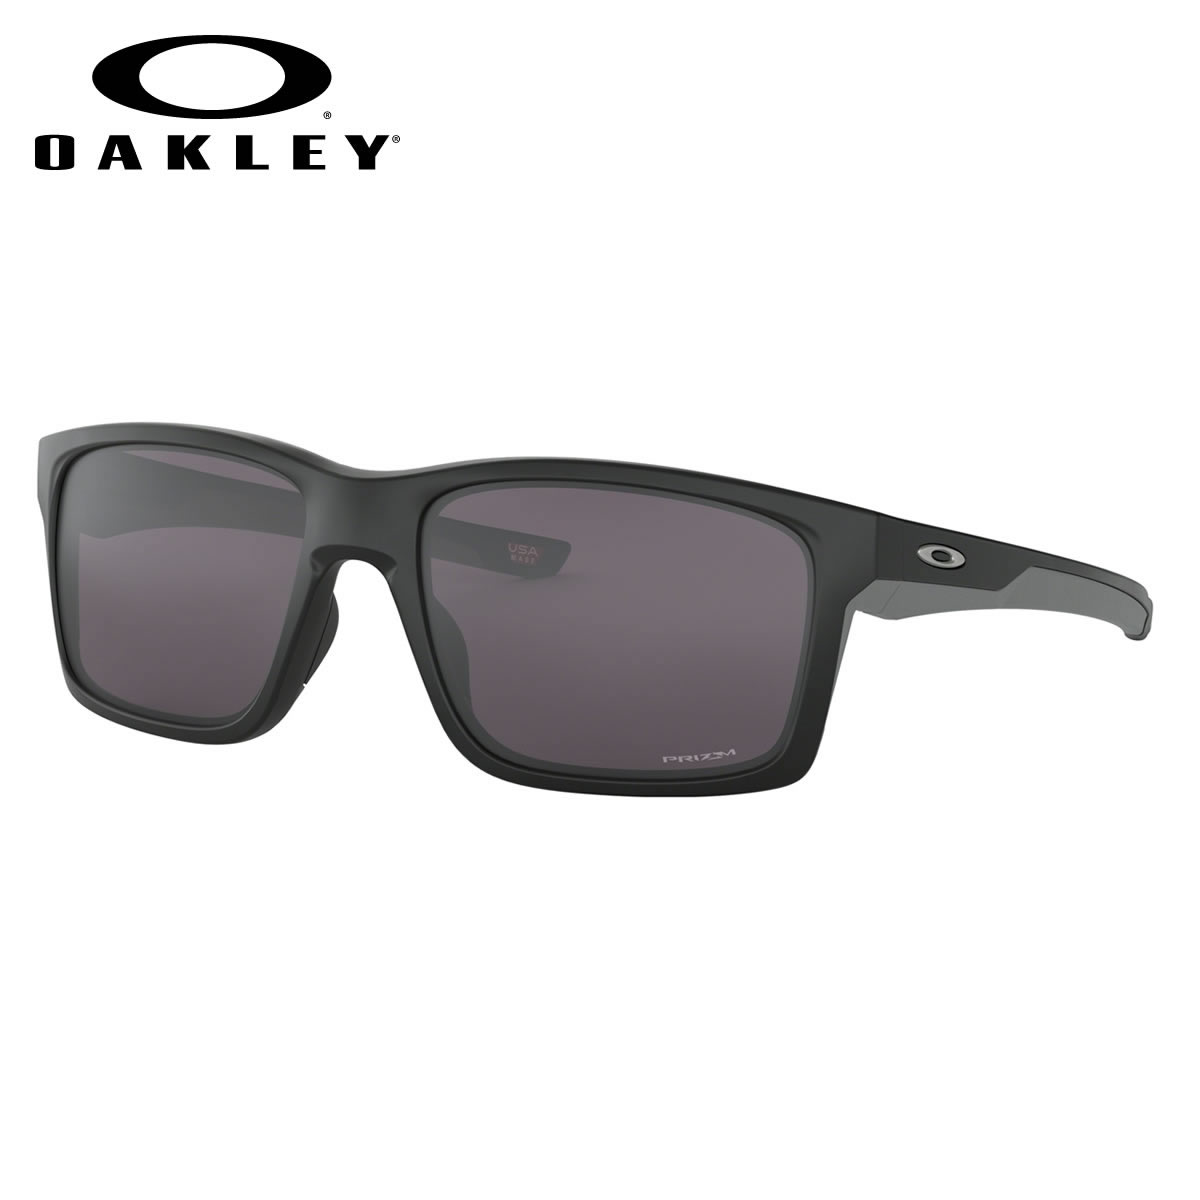 オークリー OAKLEY サングラス OO9264-41-61 MAINLINK XL メインリンクXL Matte Black / Prizm Grey オークレー かっこいい メンズ レディース